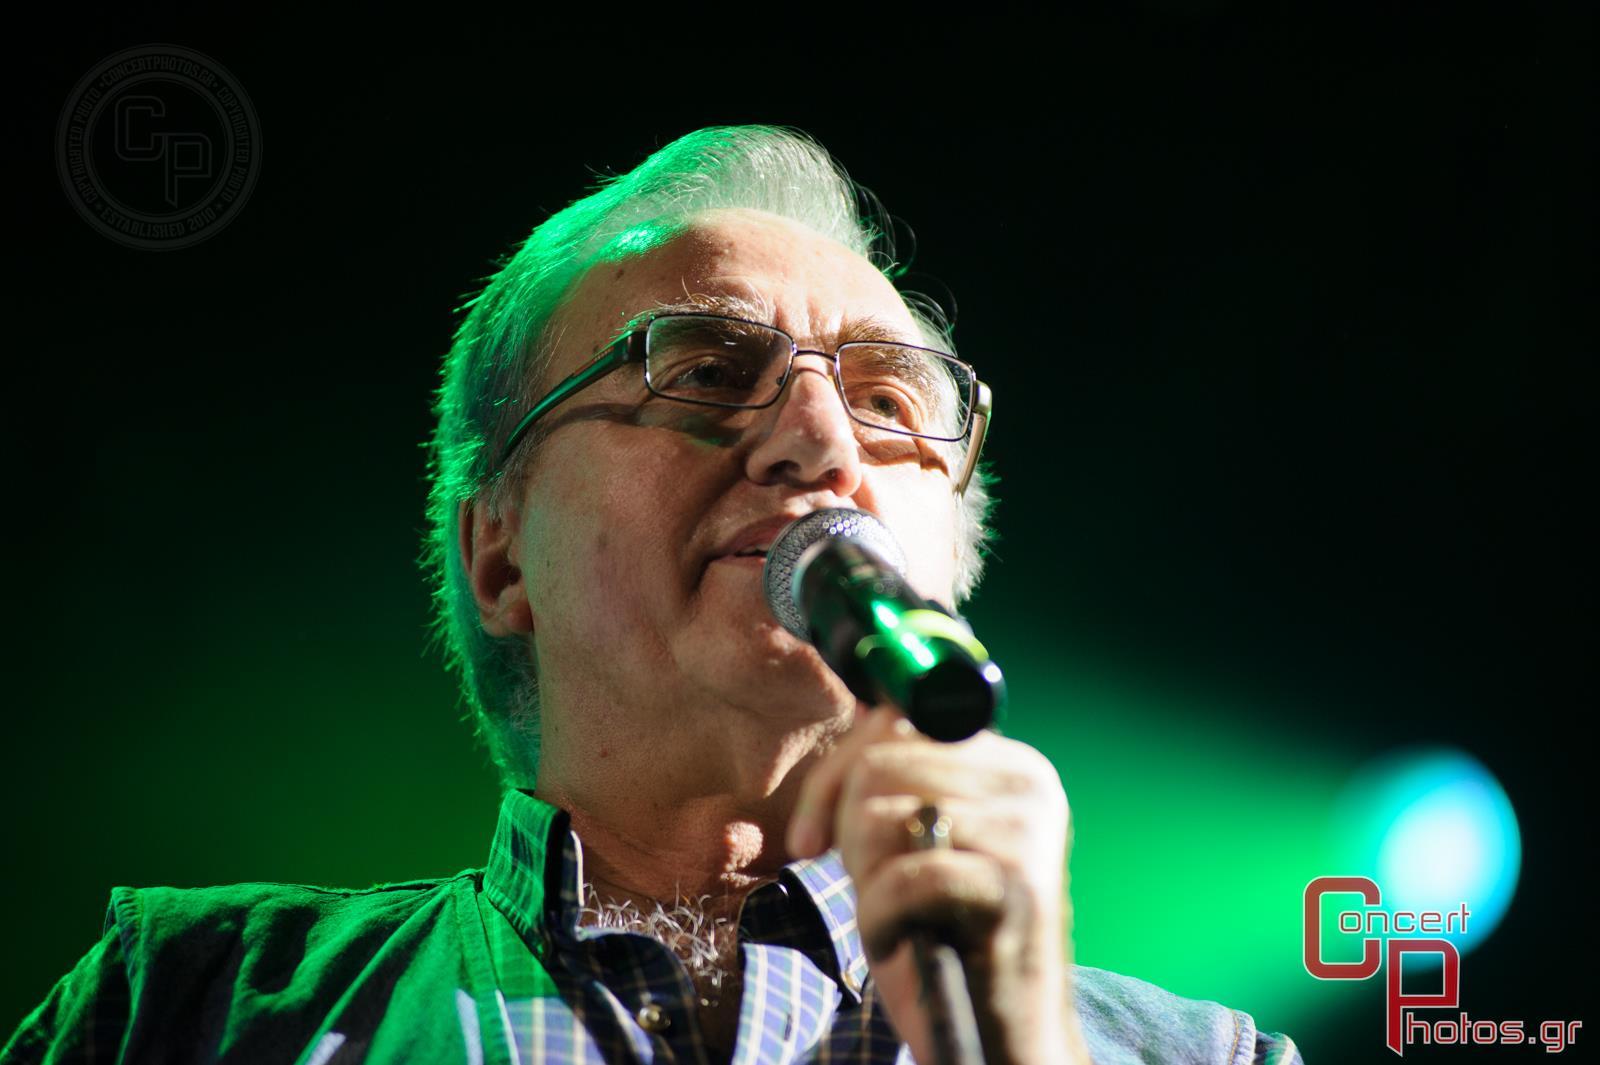 Μία συναυλία για τη Σχεδία 2014-Sxedia 2014 photographer:  - concertphotos_20140526_22_26_34